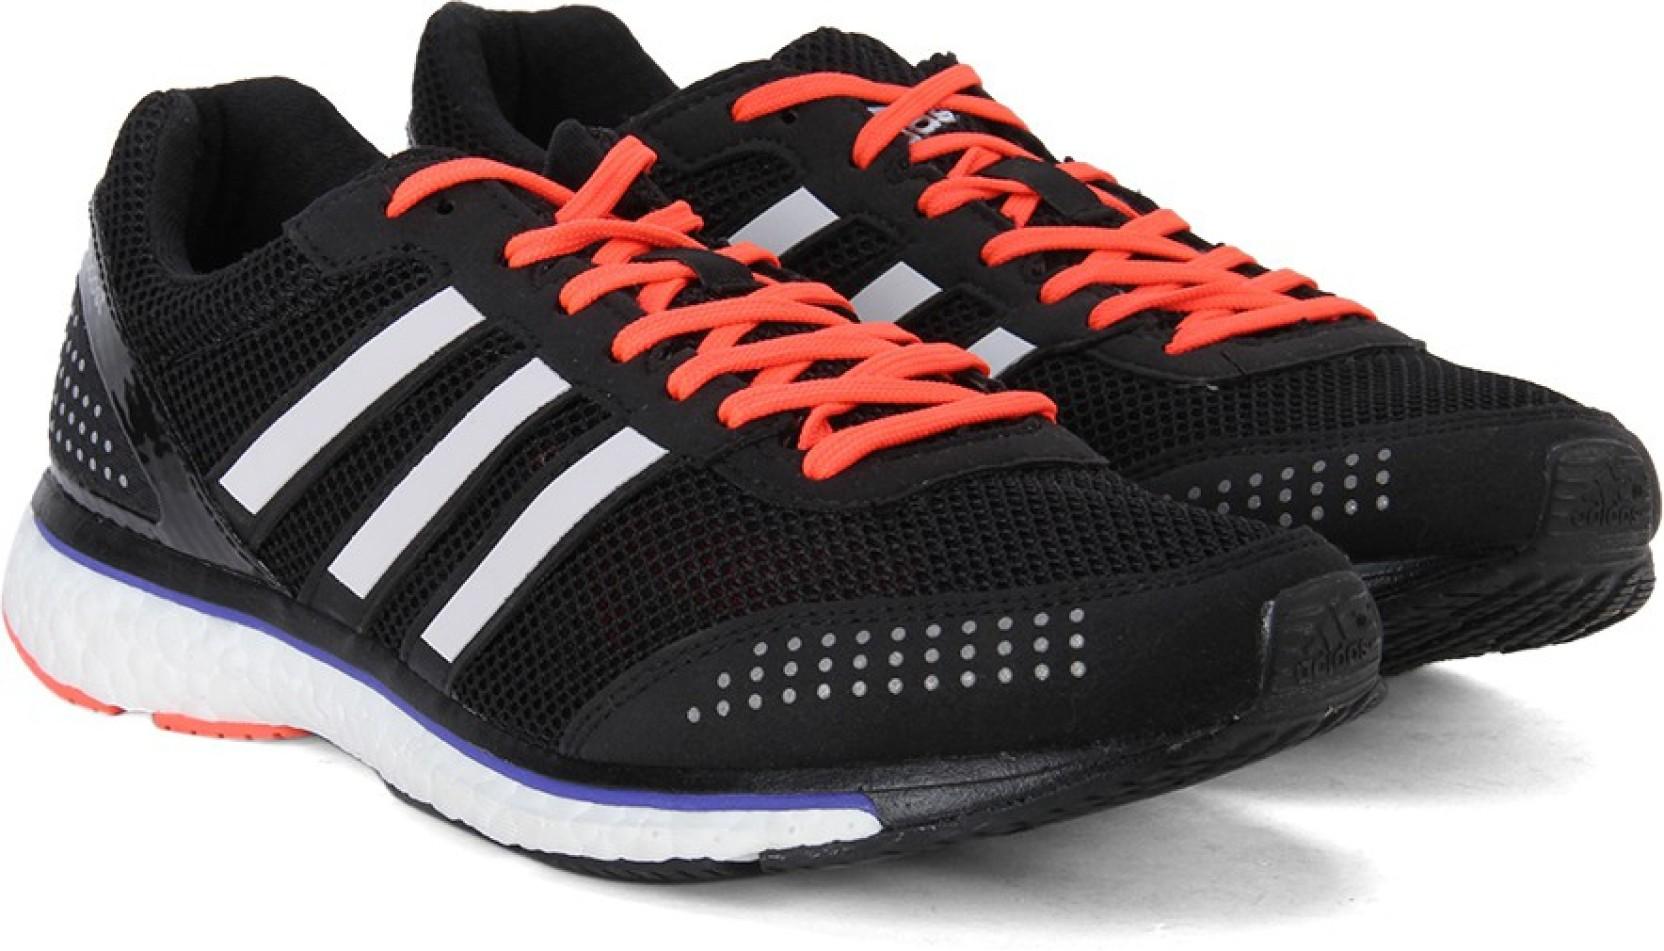 sale retailer 196c1 d741b ADIDAS ADIZERO ADIOS BOOST 2 M Running Shoes For Men (Multicolor)